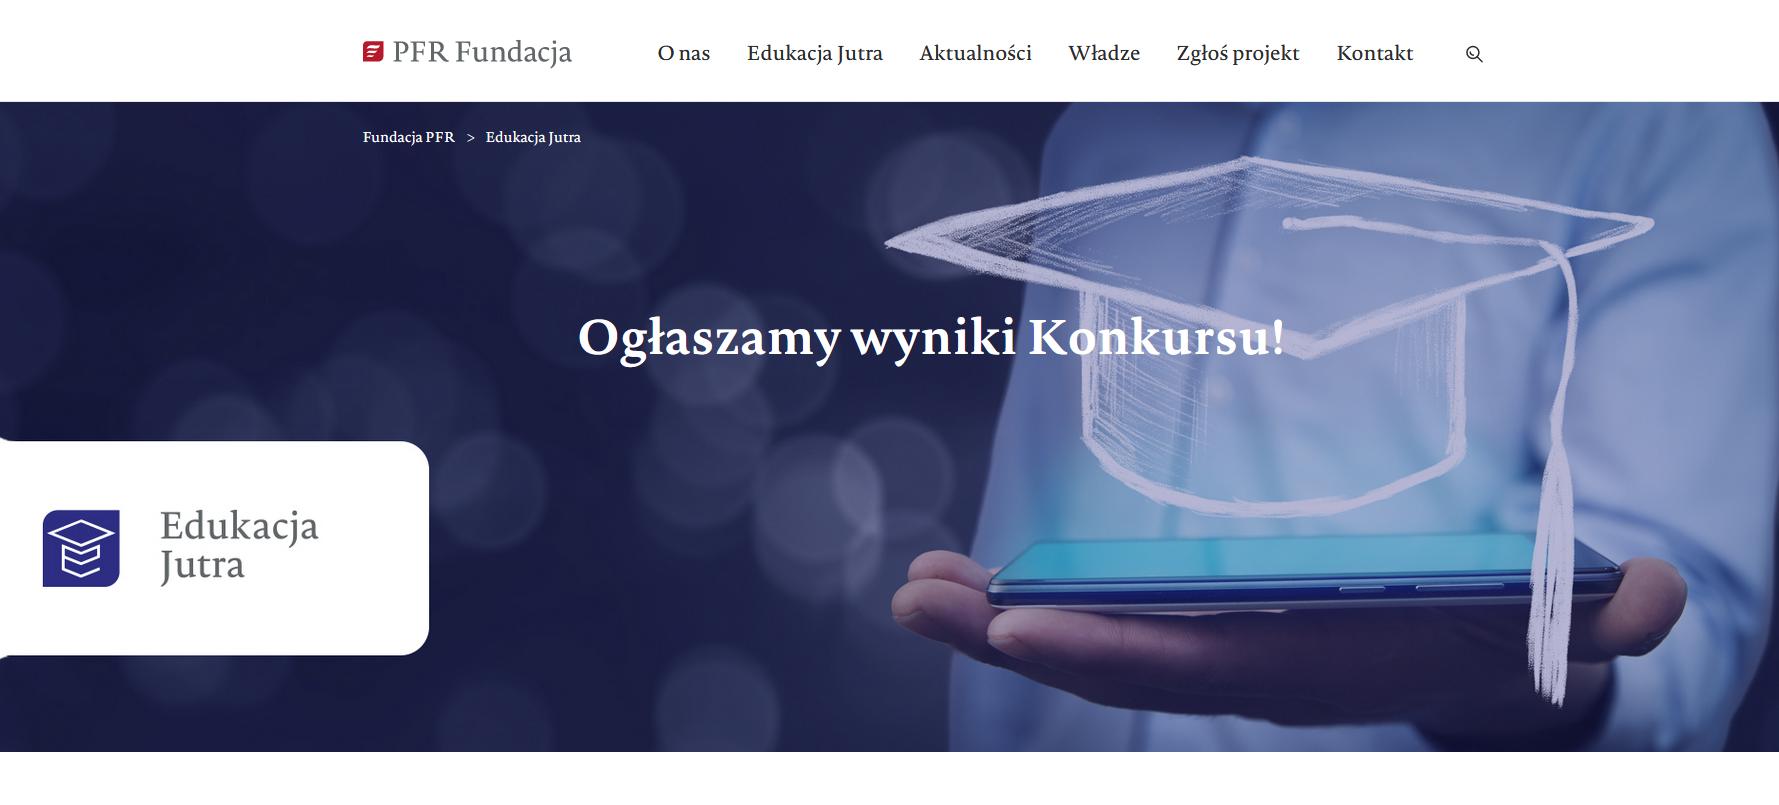 widok na stronę główną PFR dotyczącą konkursu Edukacja Jutra